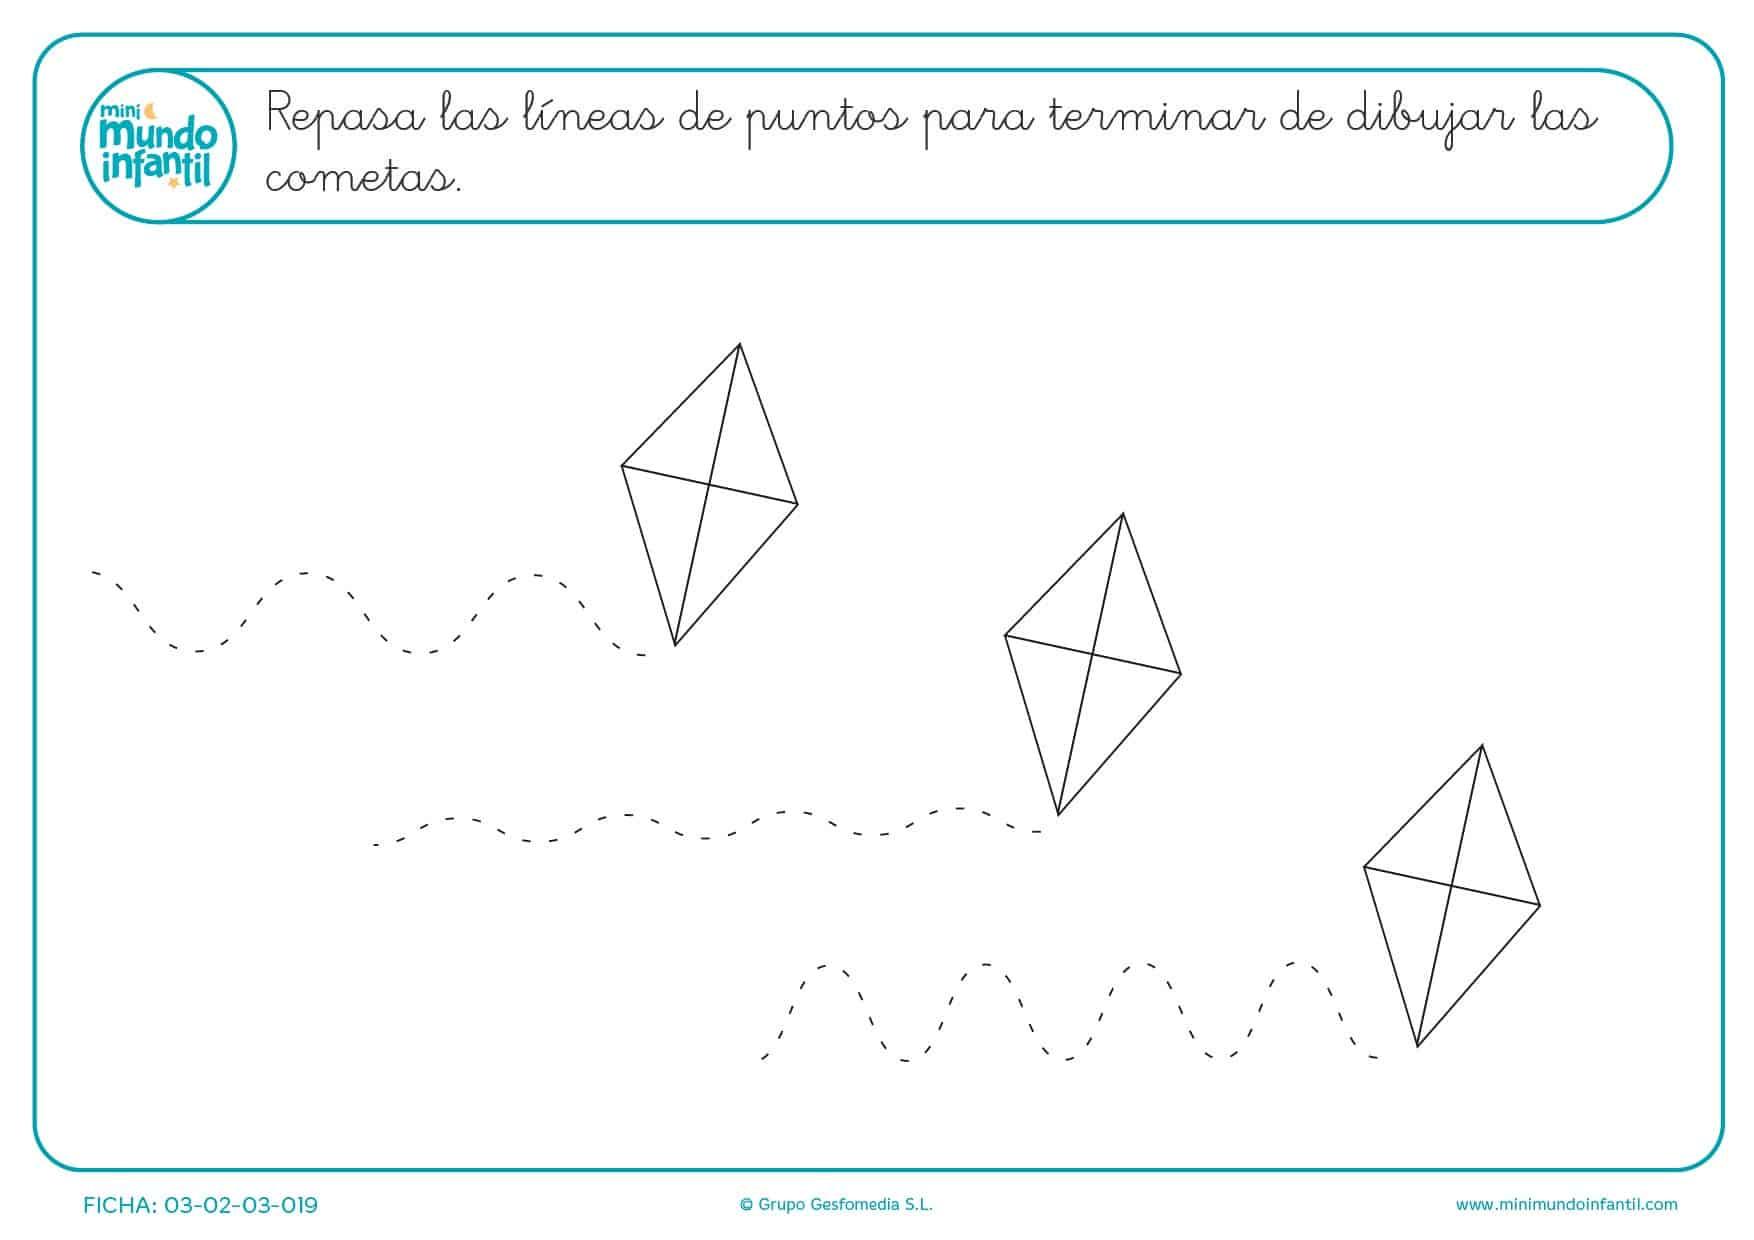 Repasar las líneas de puntos para formar y aprender líneas onduladas